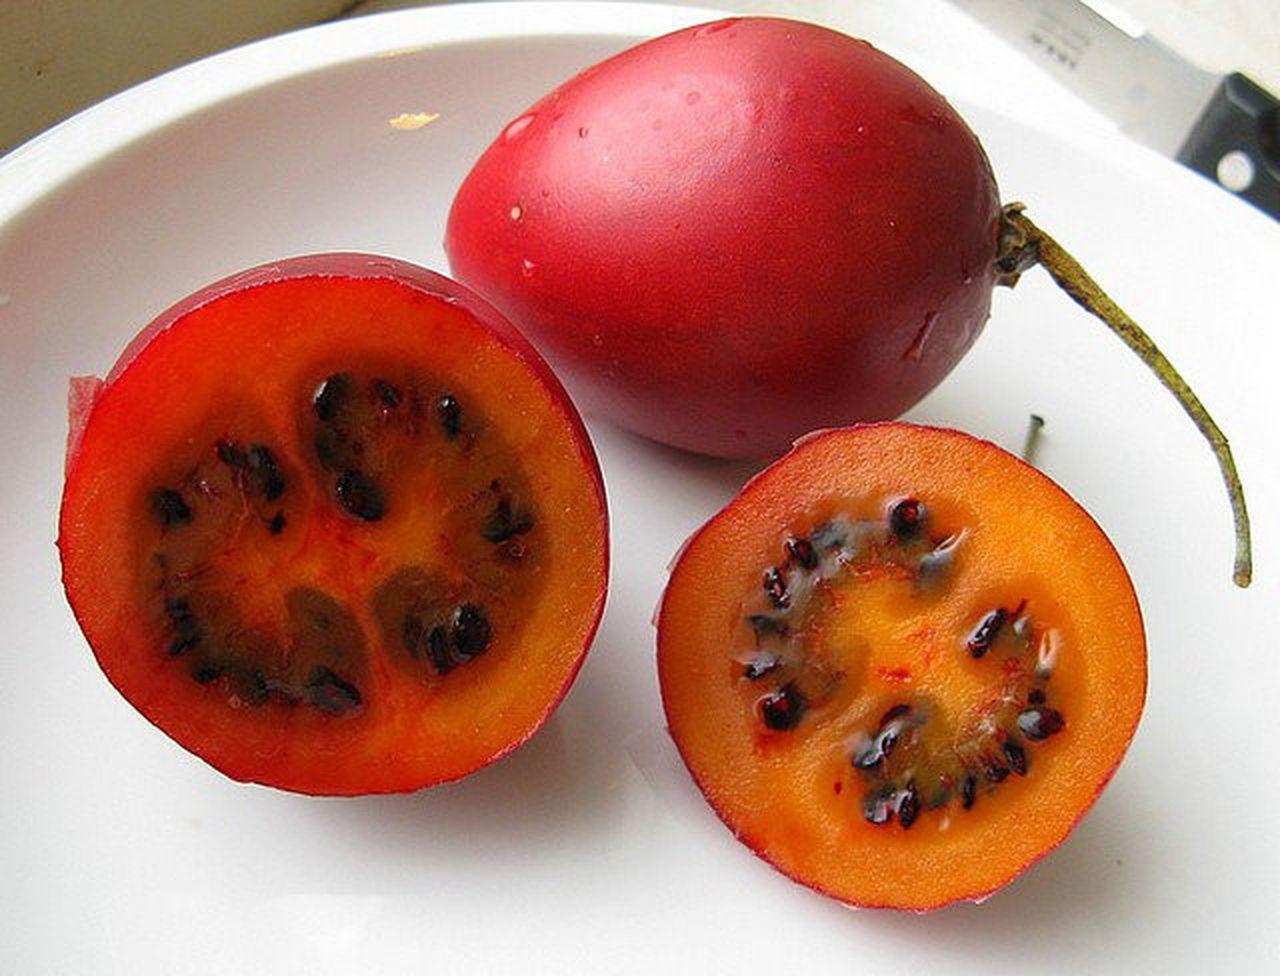 Томатное дерево спрут f1 или тамарилло: выращивание и уход в открытом грунте